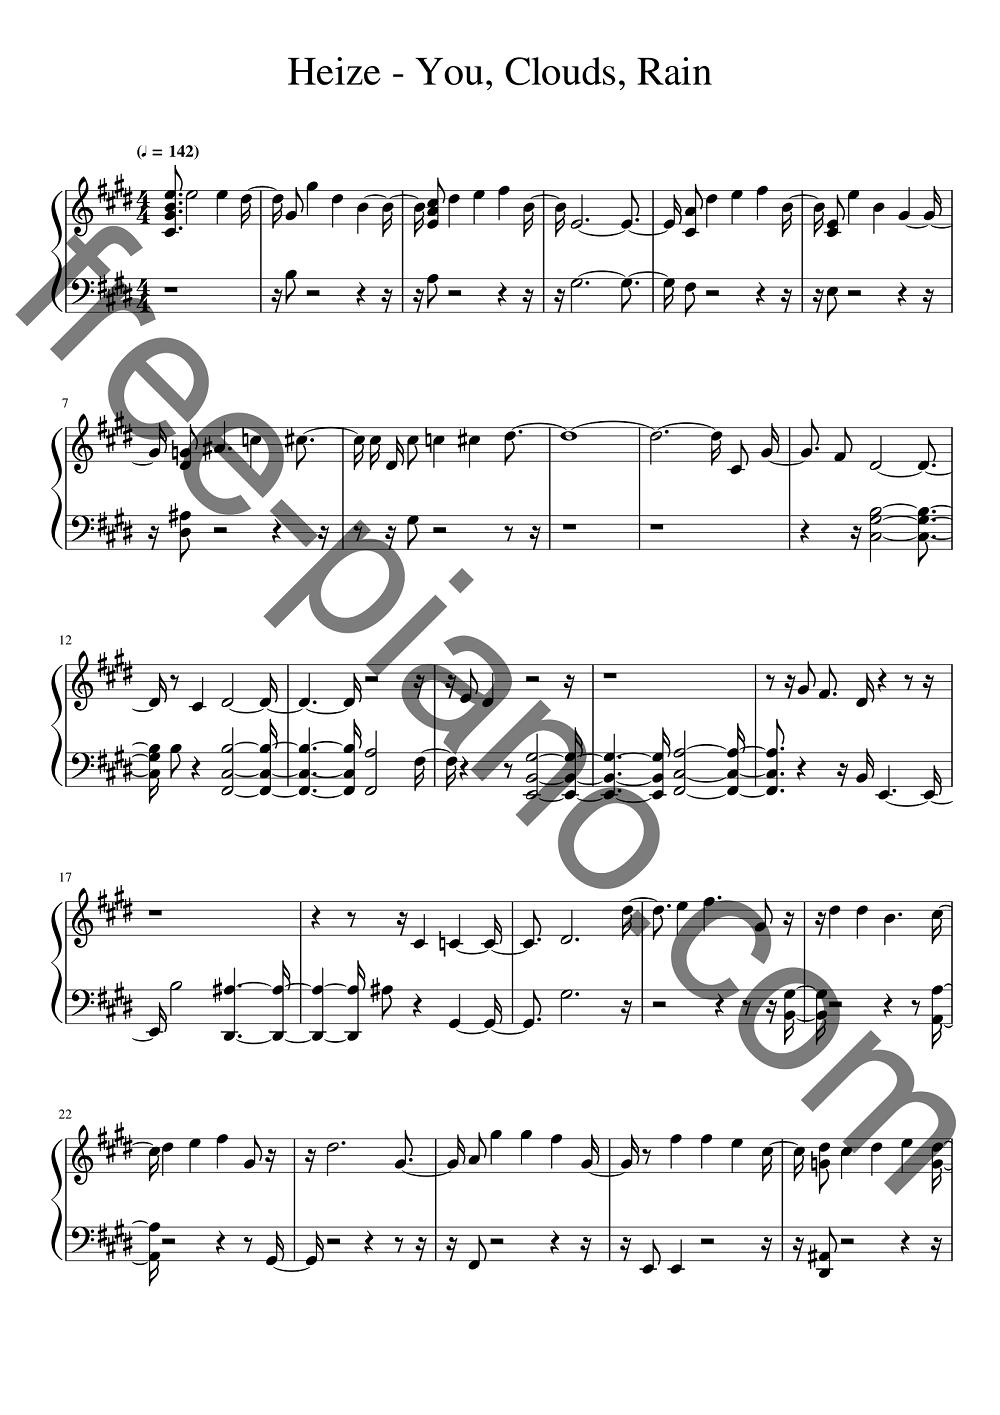 piano-sheet-Heize-You-Clouds-Rain